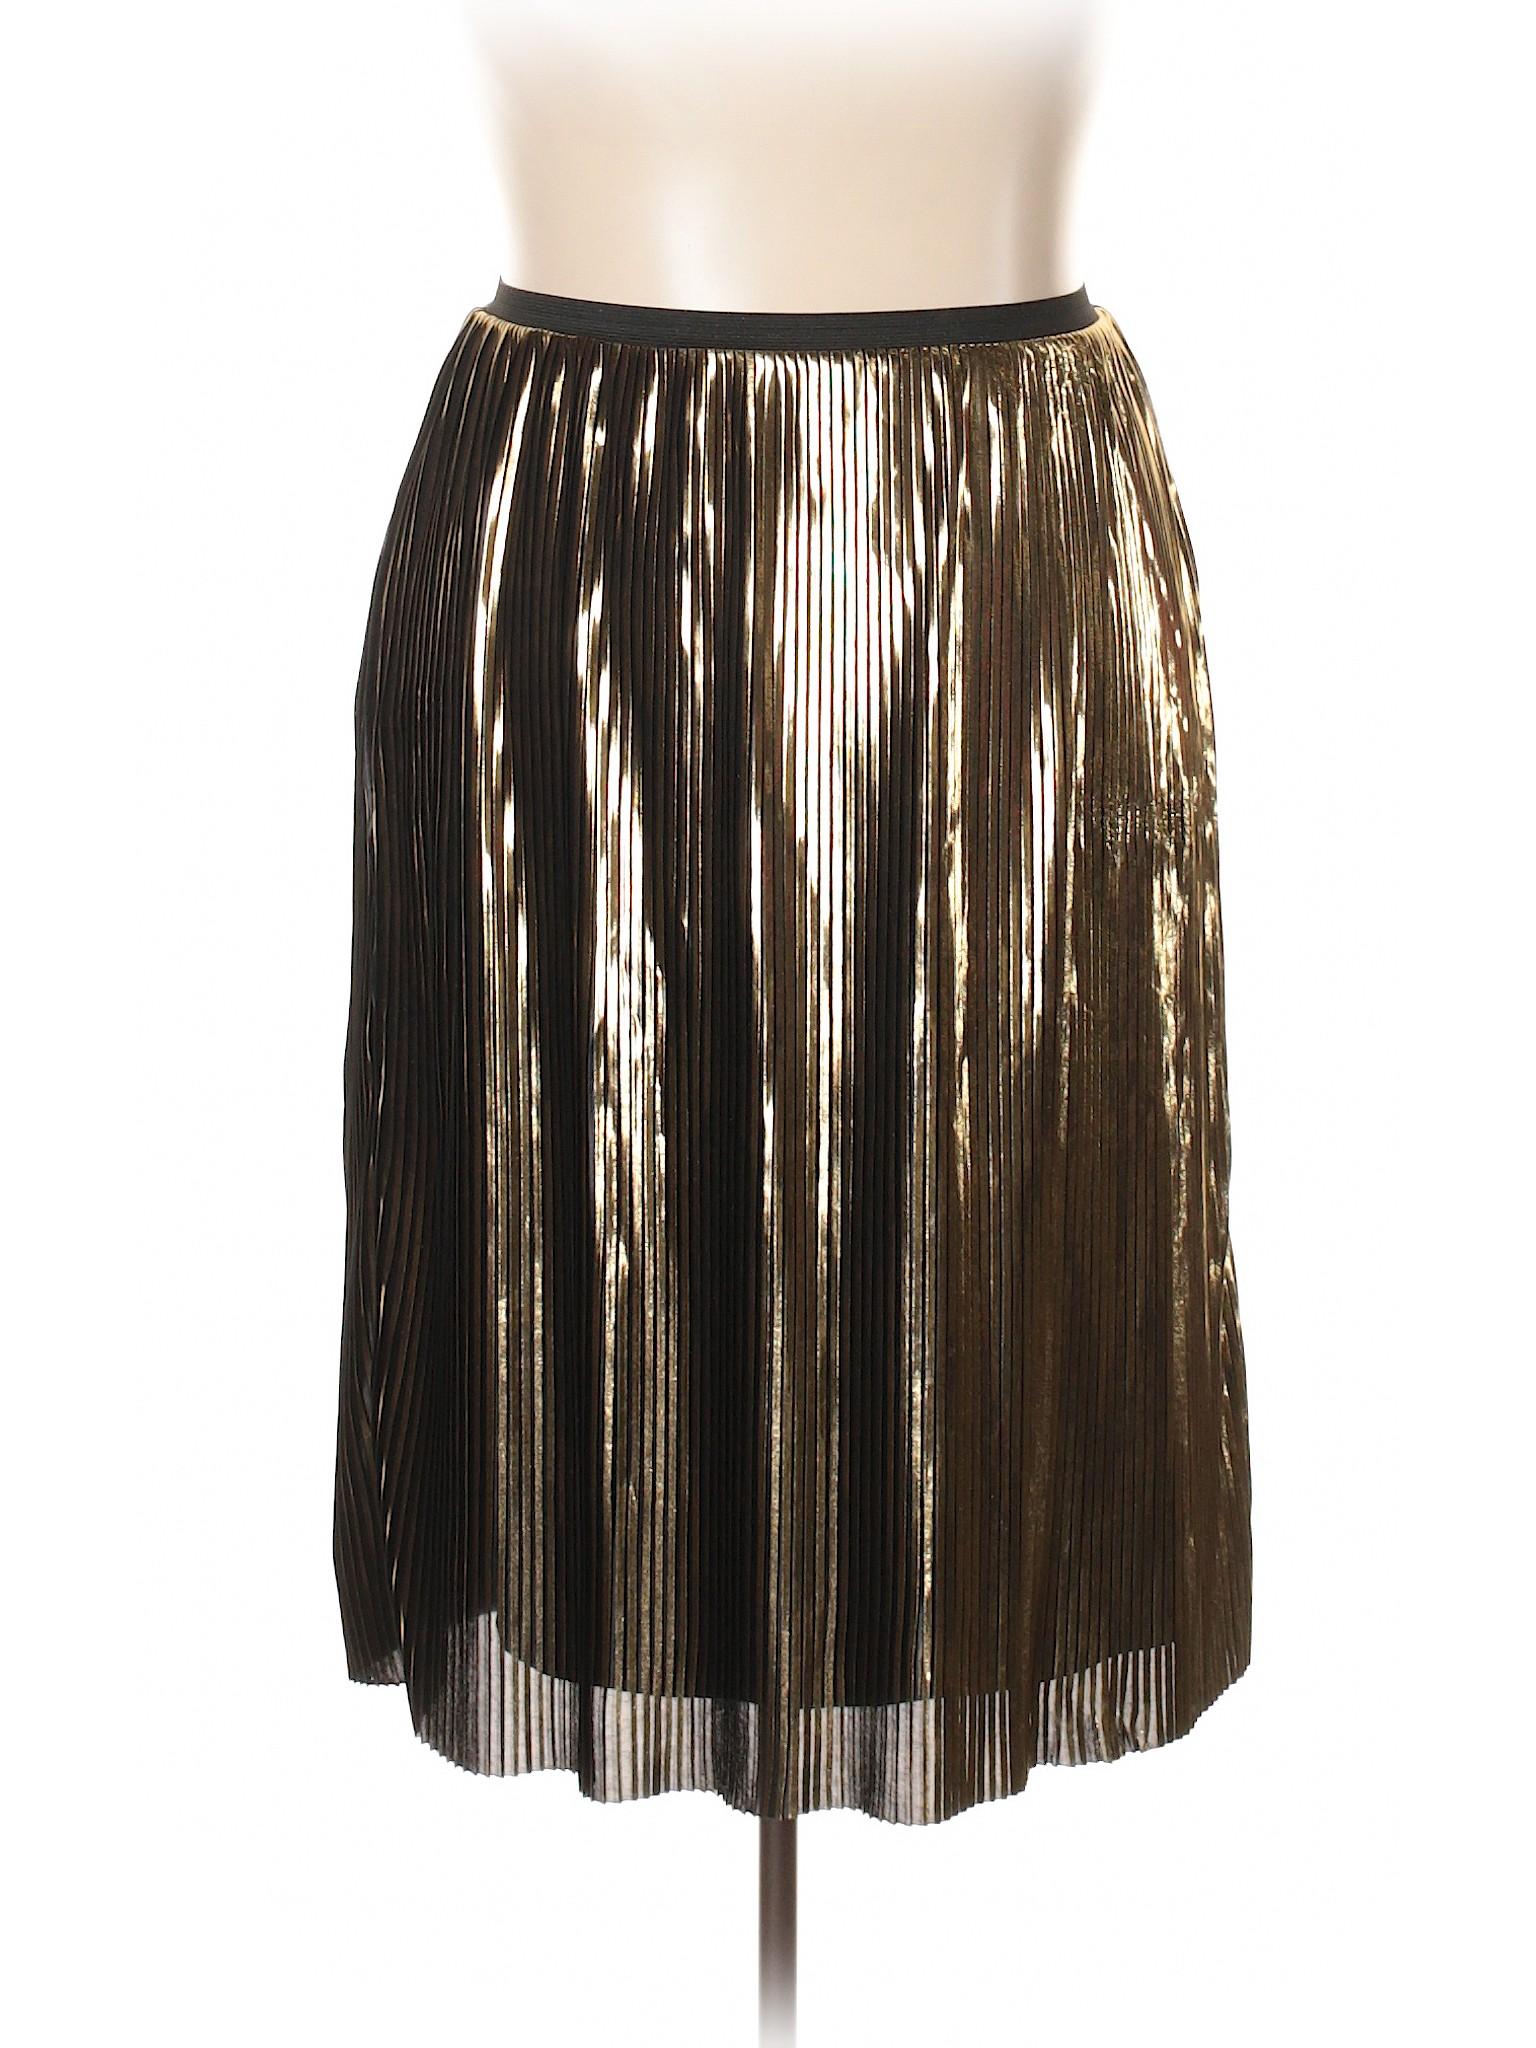 Formal Skirt Boutique Formal Boutique vtEwR